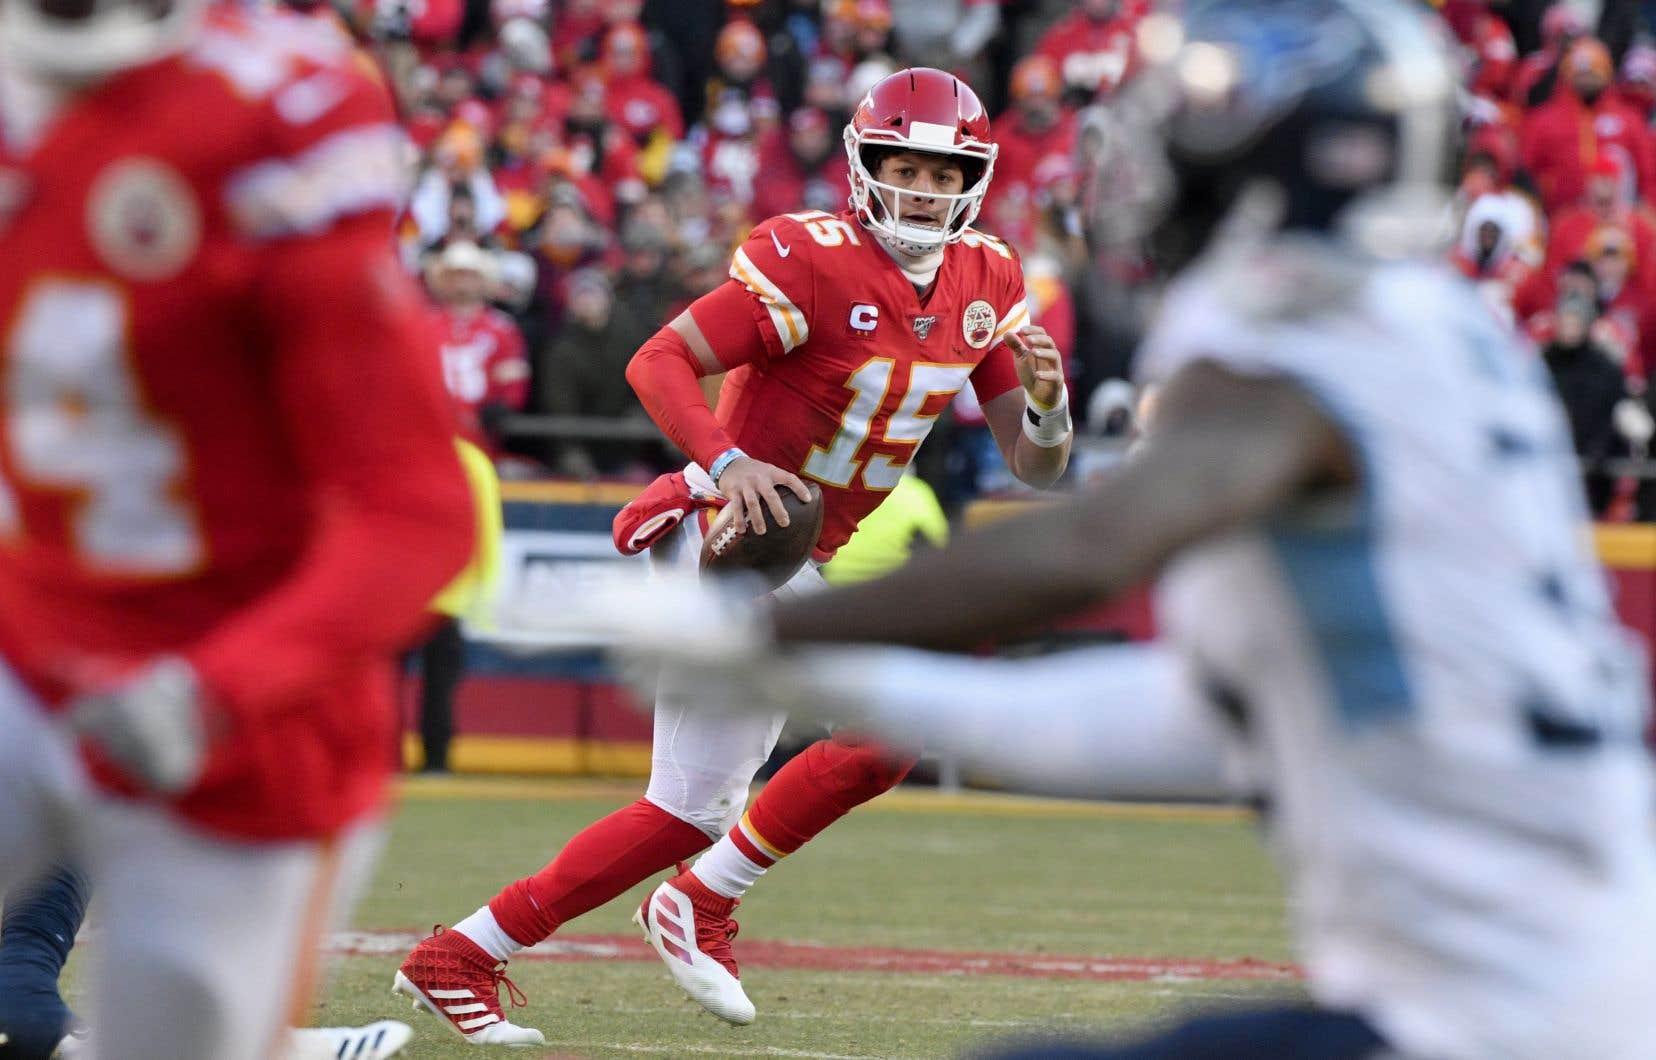 Dimanche, les Chiefs ont laissé leur quart-arrière Patrick Mahomes et leur puissante attaque déplacer le ballon partout sur le terrain.